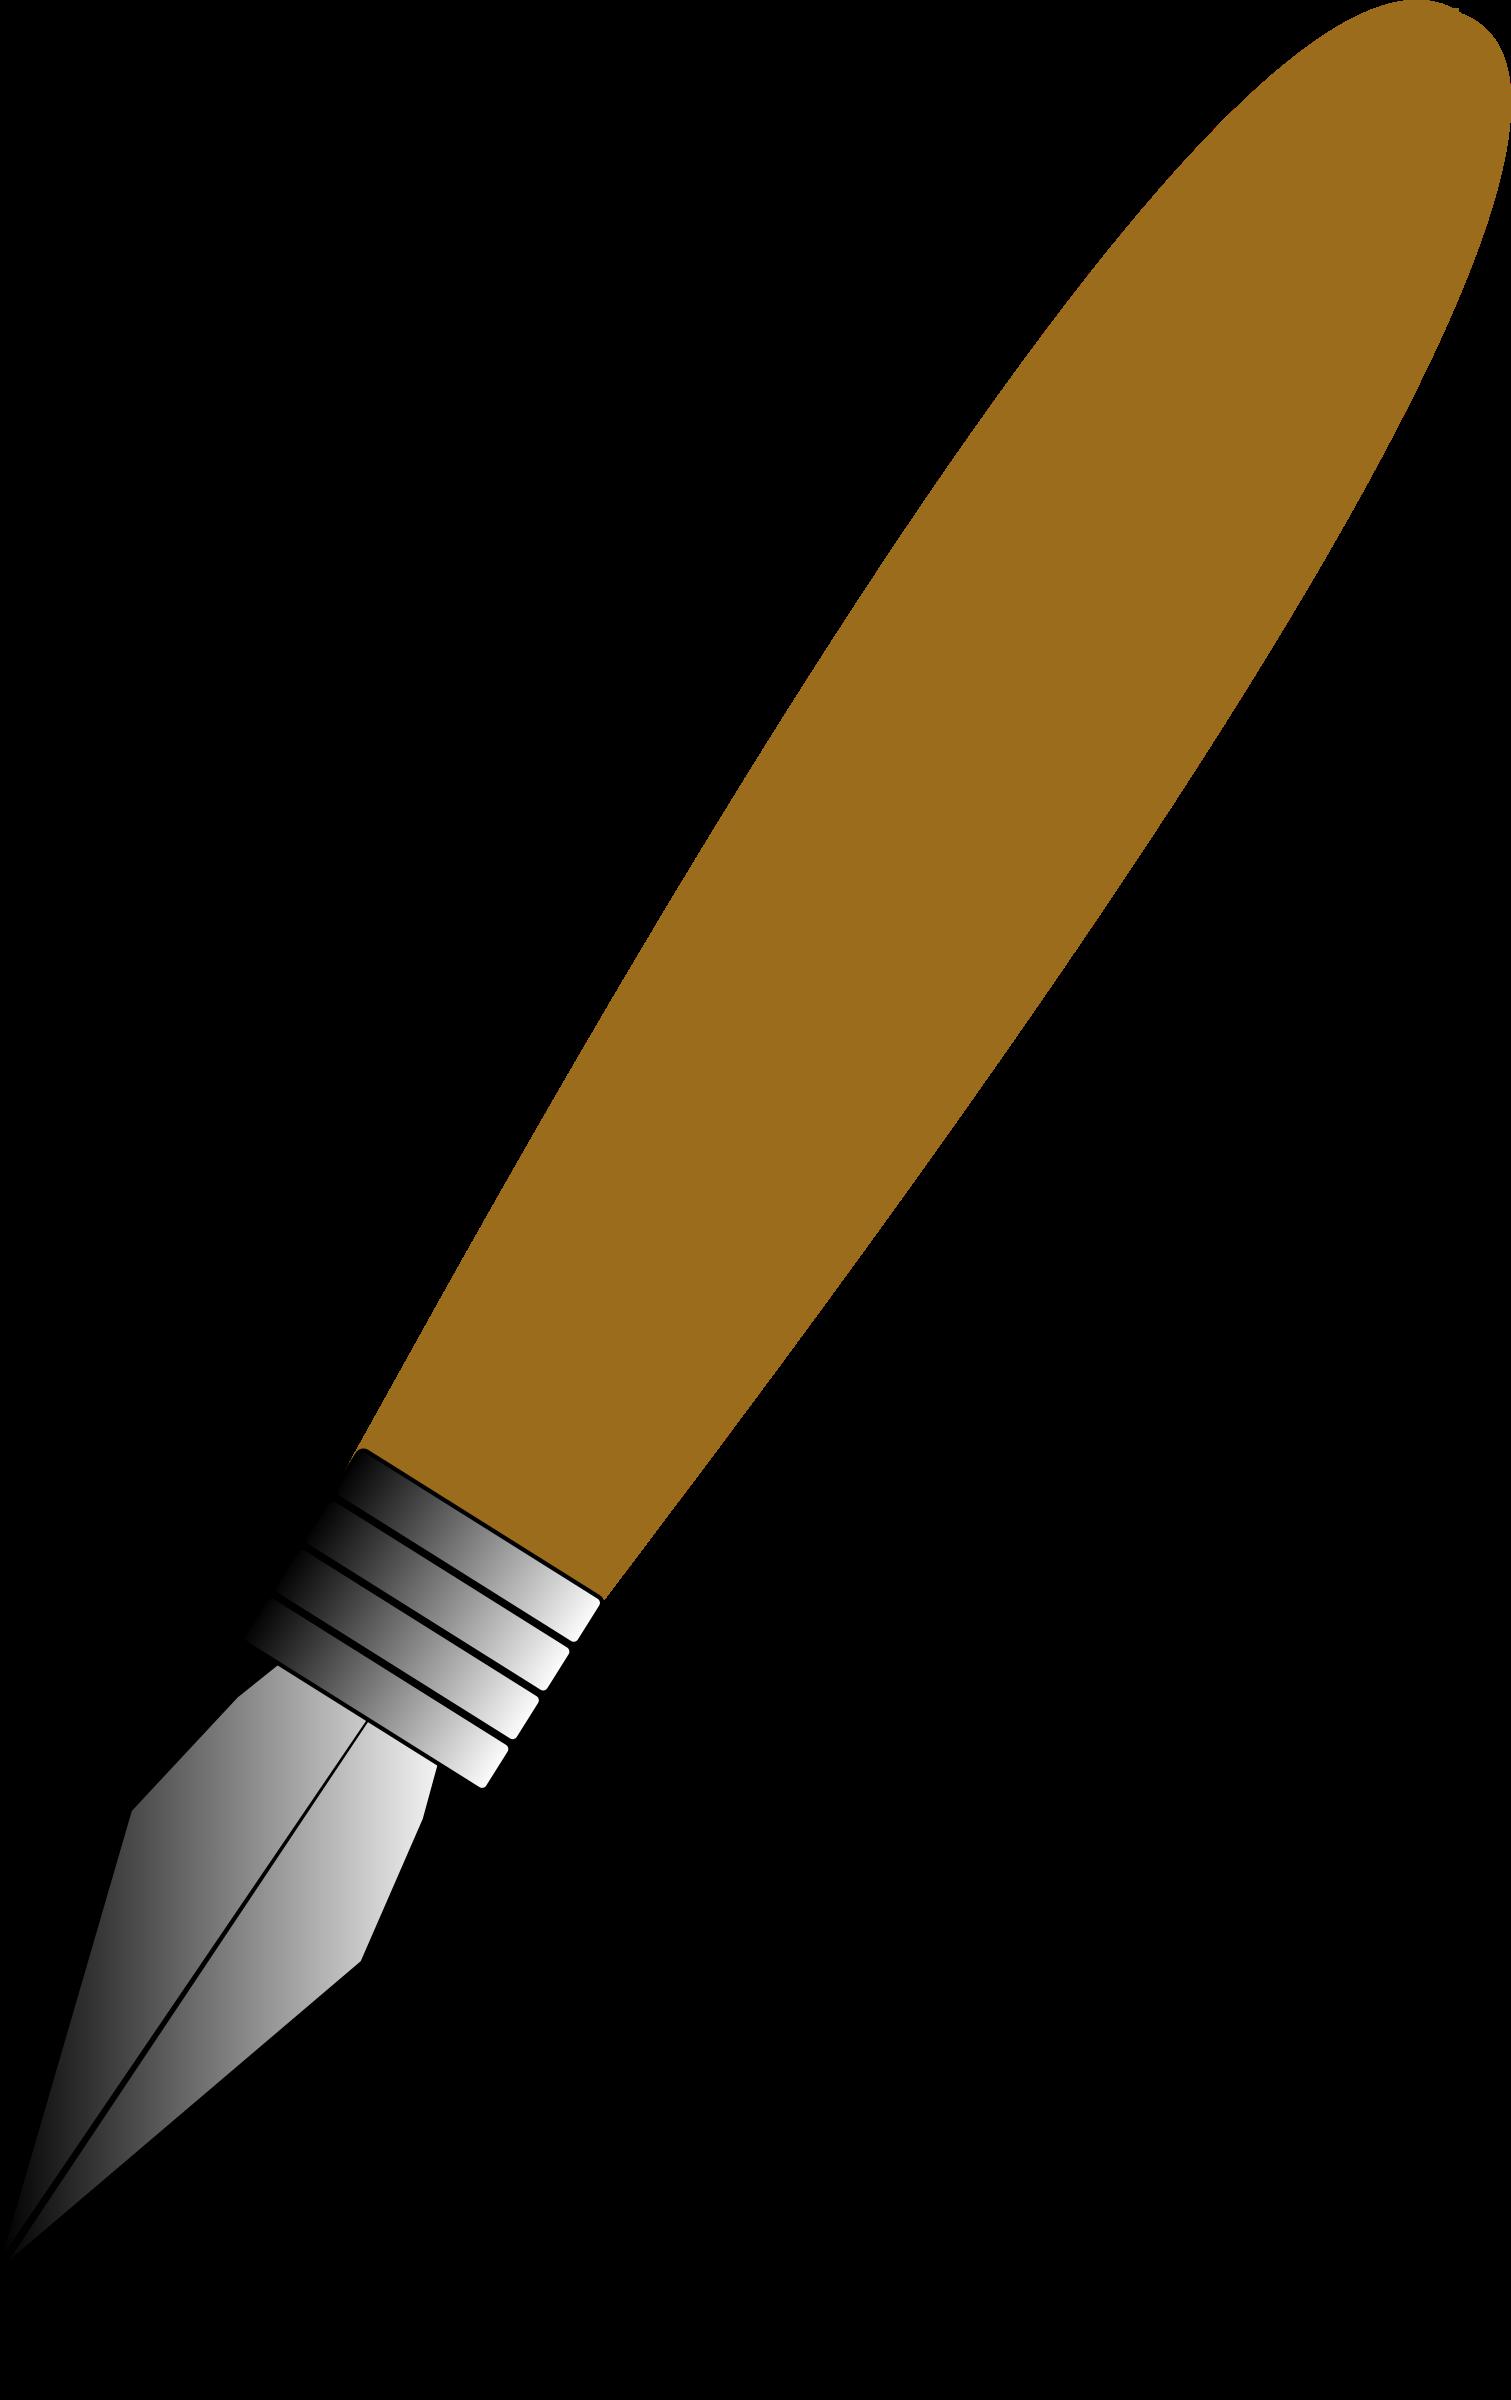 Pen clipart calligraphy pen Pen fountain pen fountain Clipart